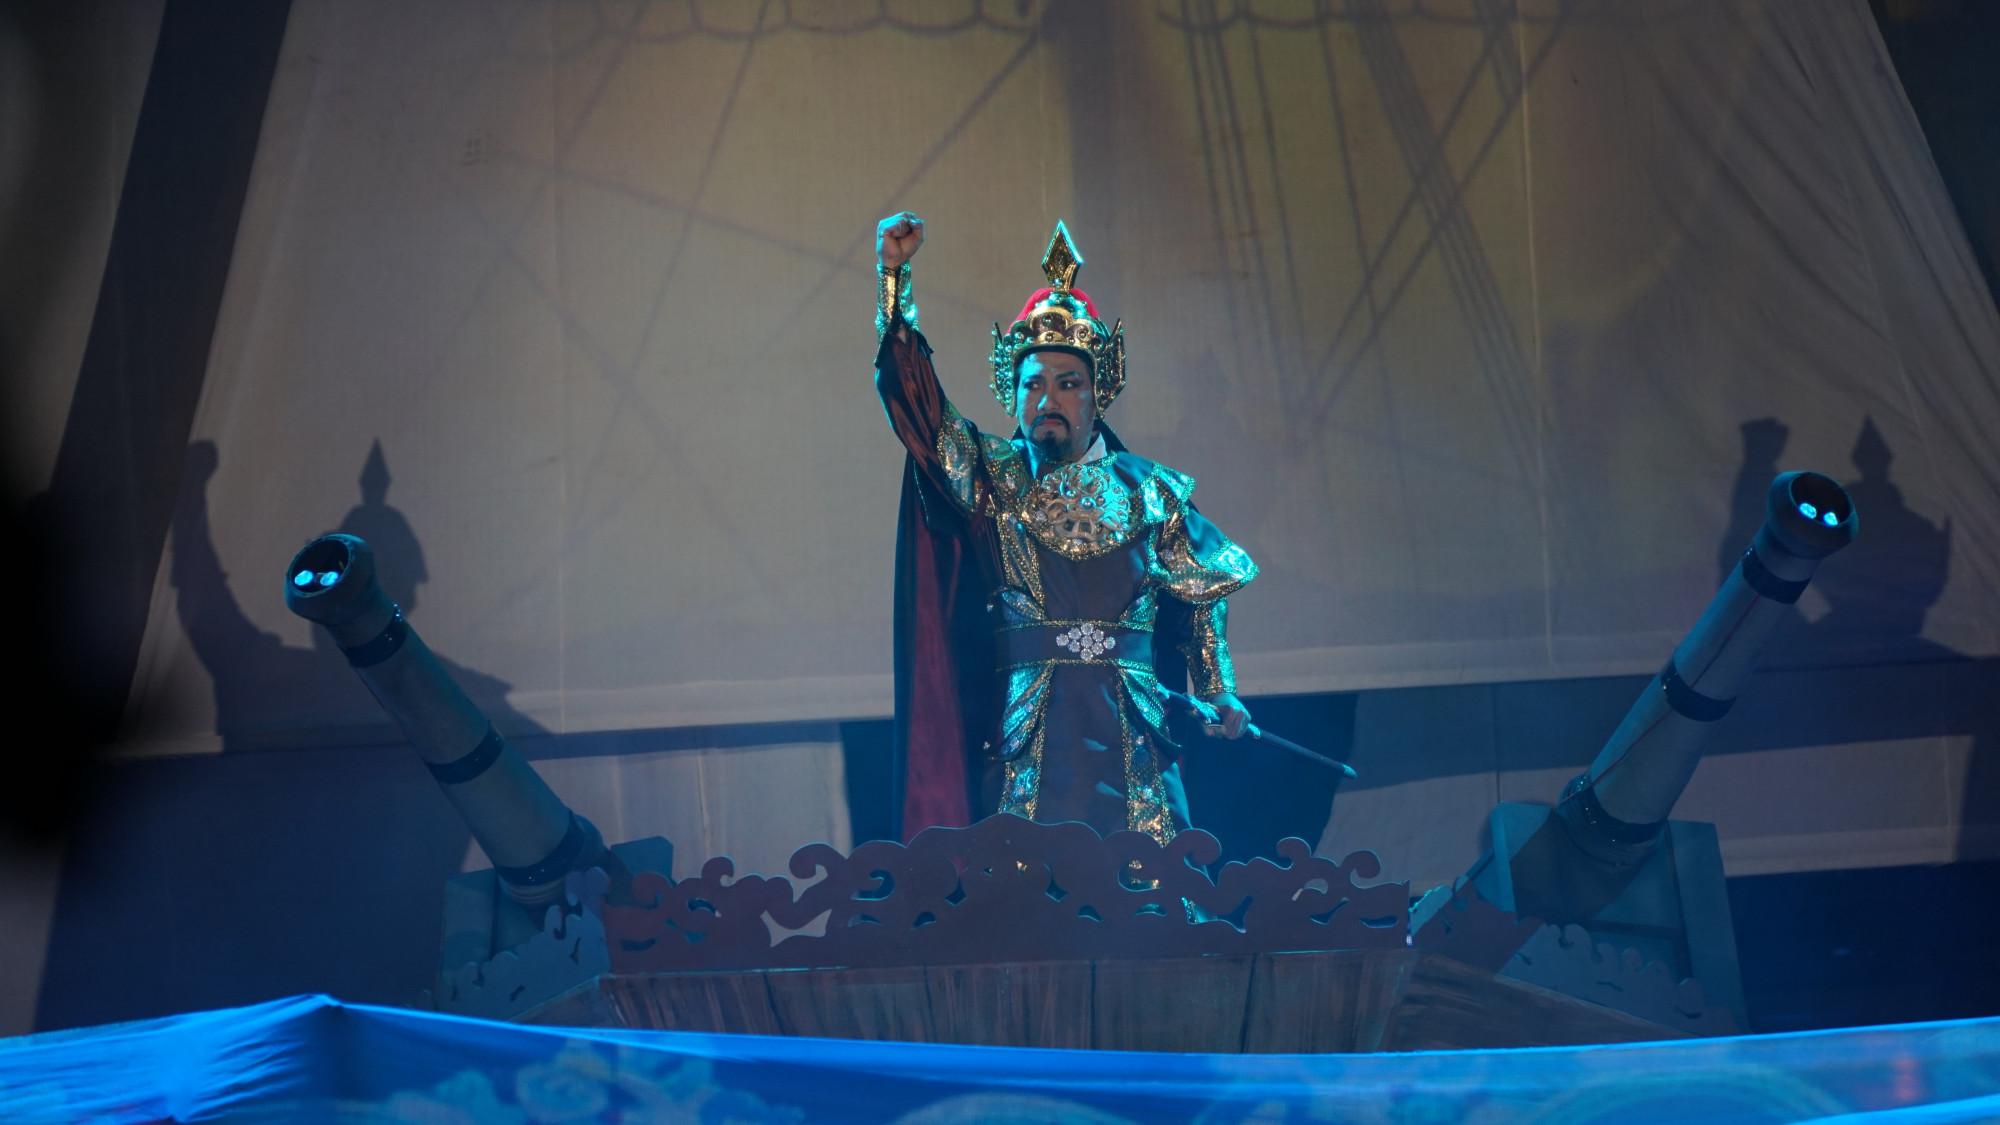 Nhưng cuối cùng đã bị vua Quang Trung chỉ huy đội quân đánh tan quân xâm lược